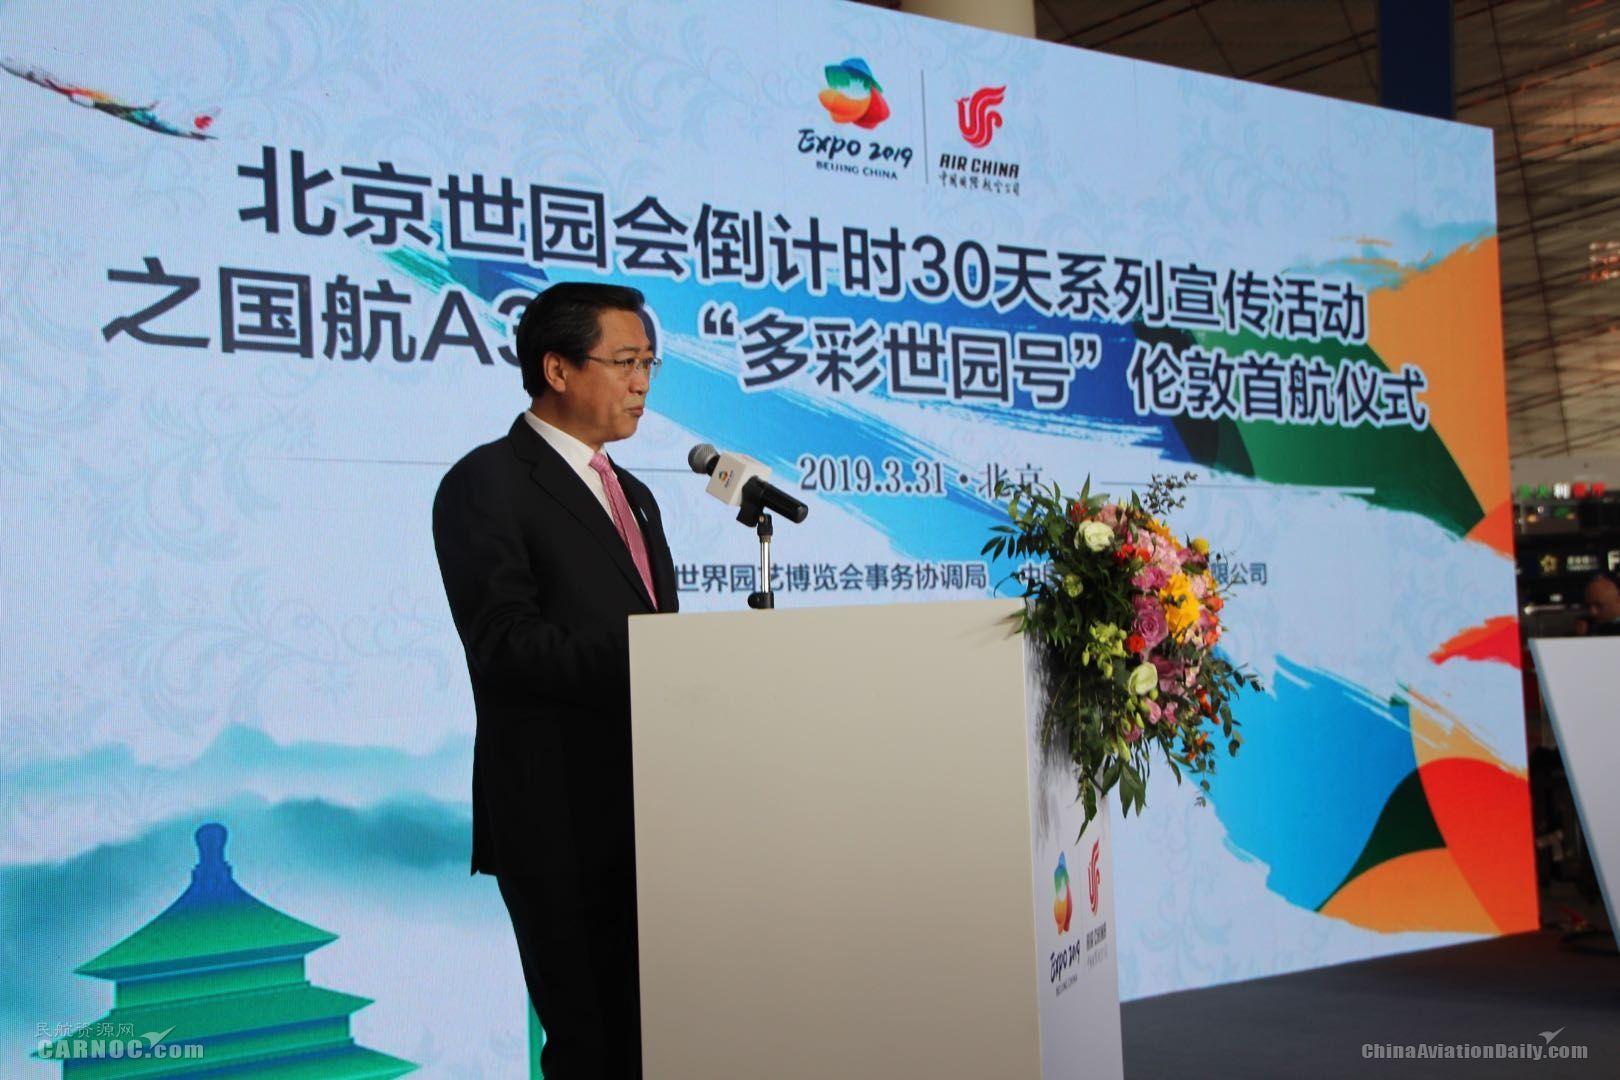 国航副总裁马崇贤在启动仪式上发表致辞。国航供图